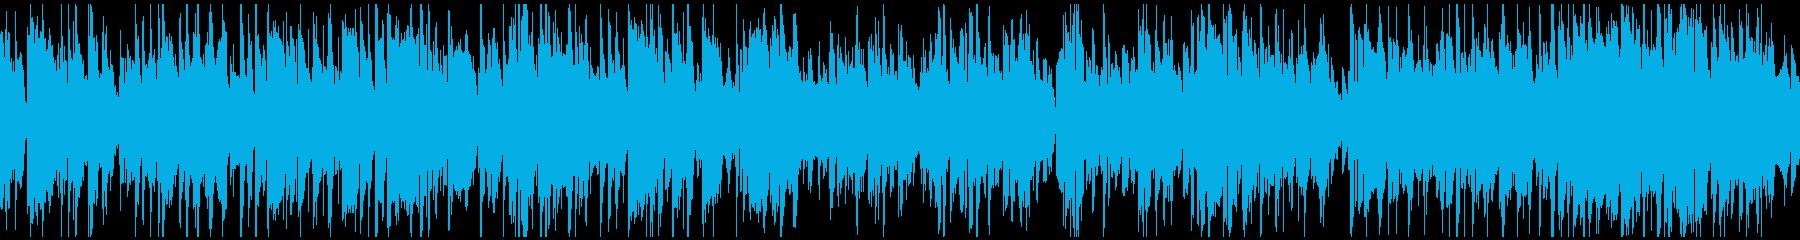 ショータイム、カジノ風味ジャズ※ループ版の再生済みの波形